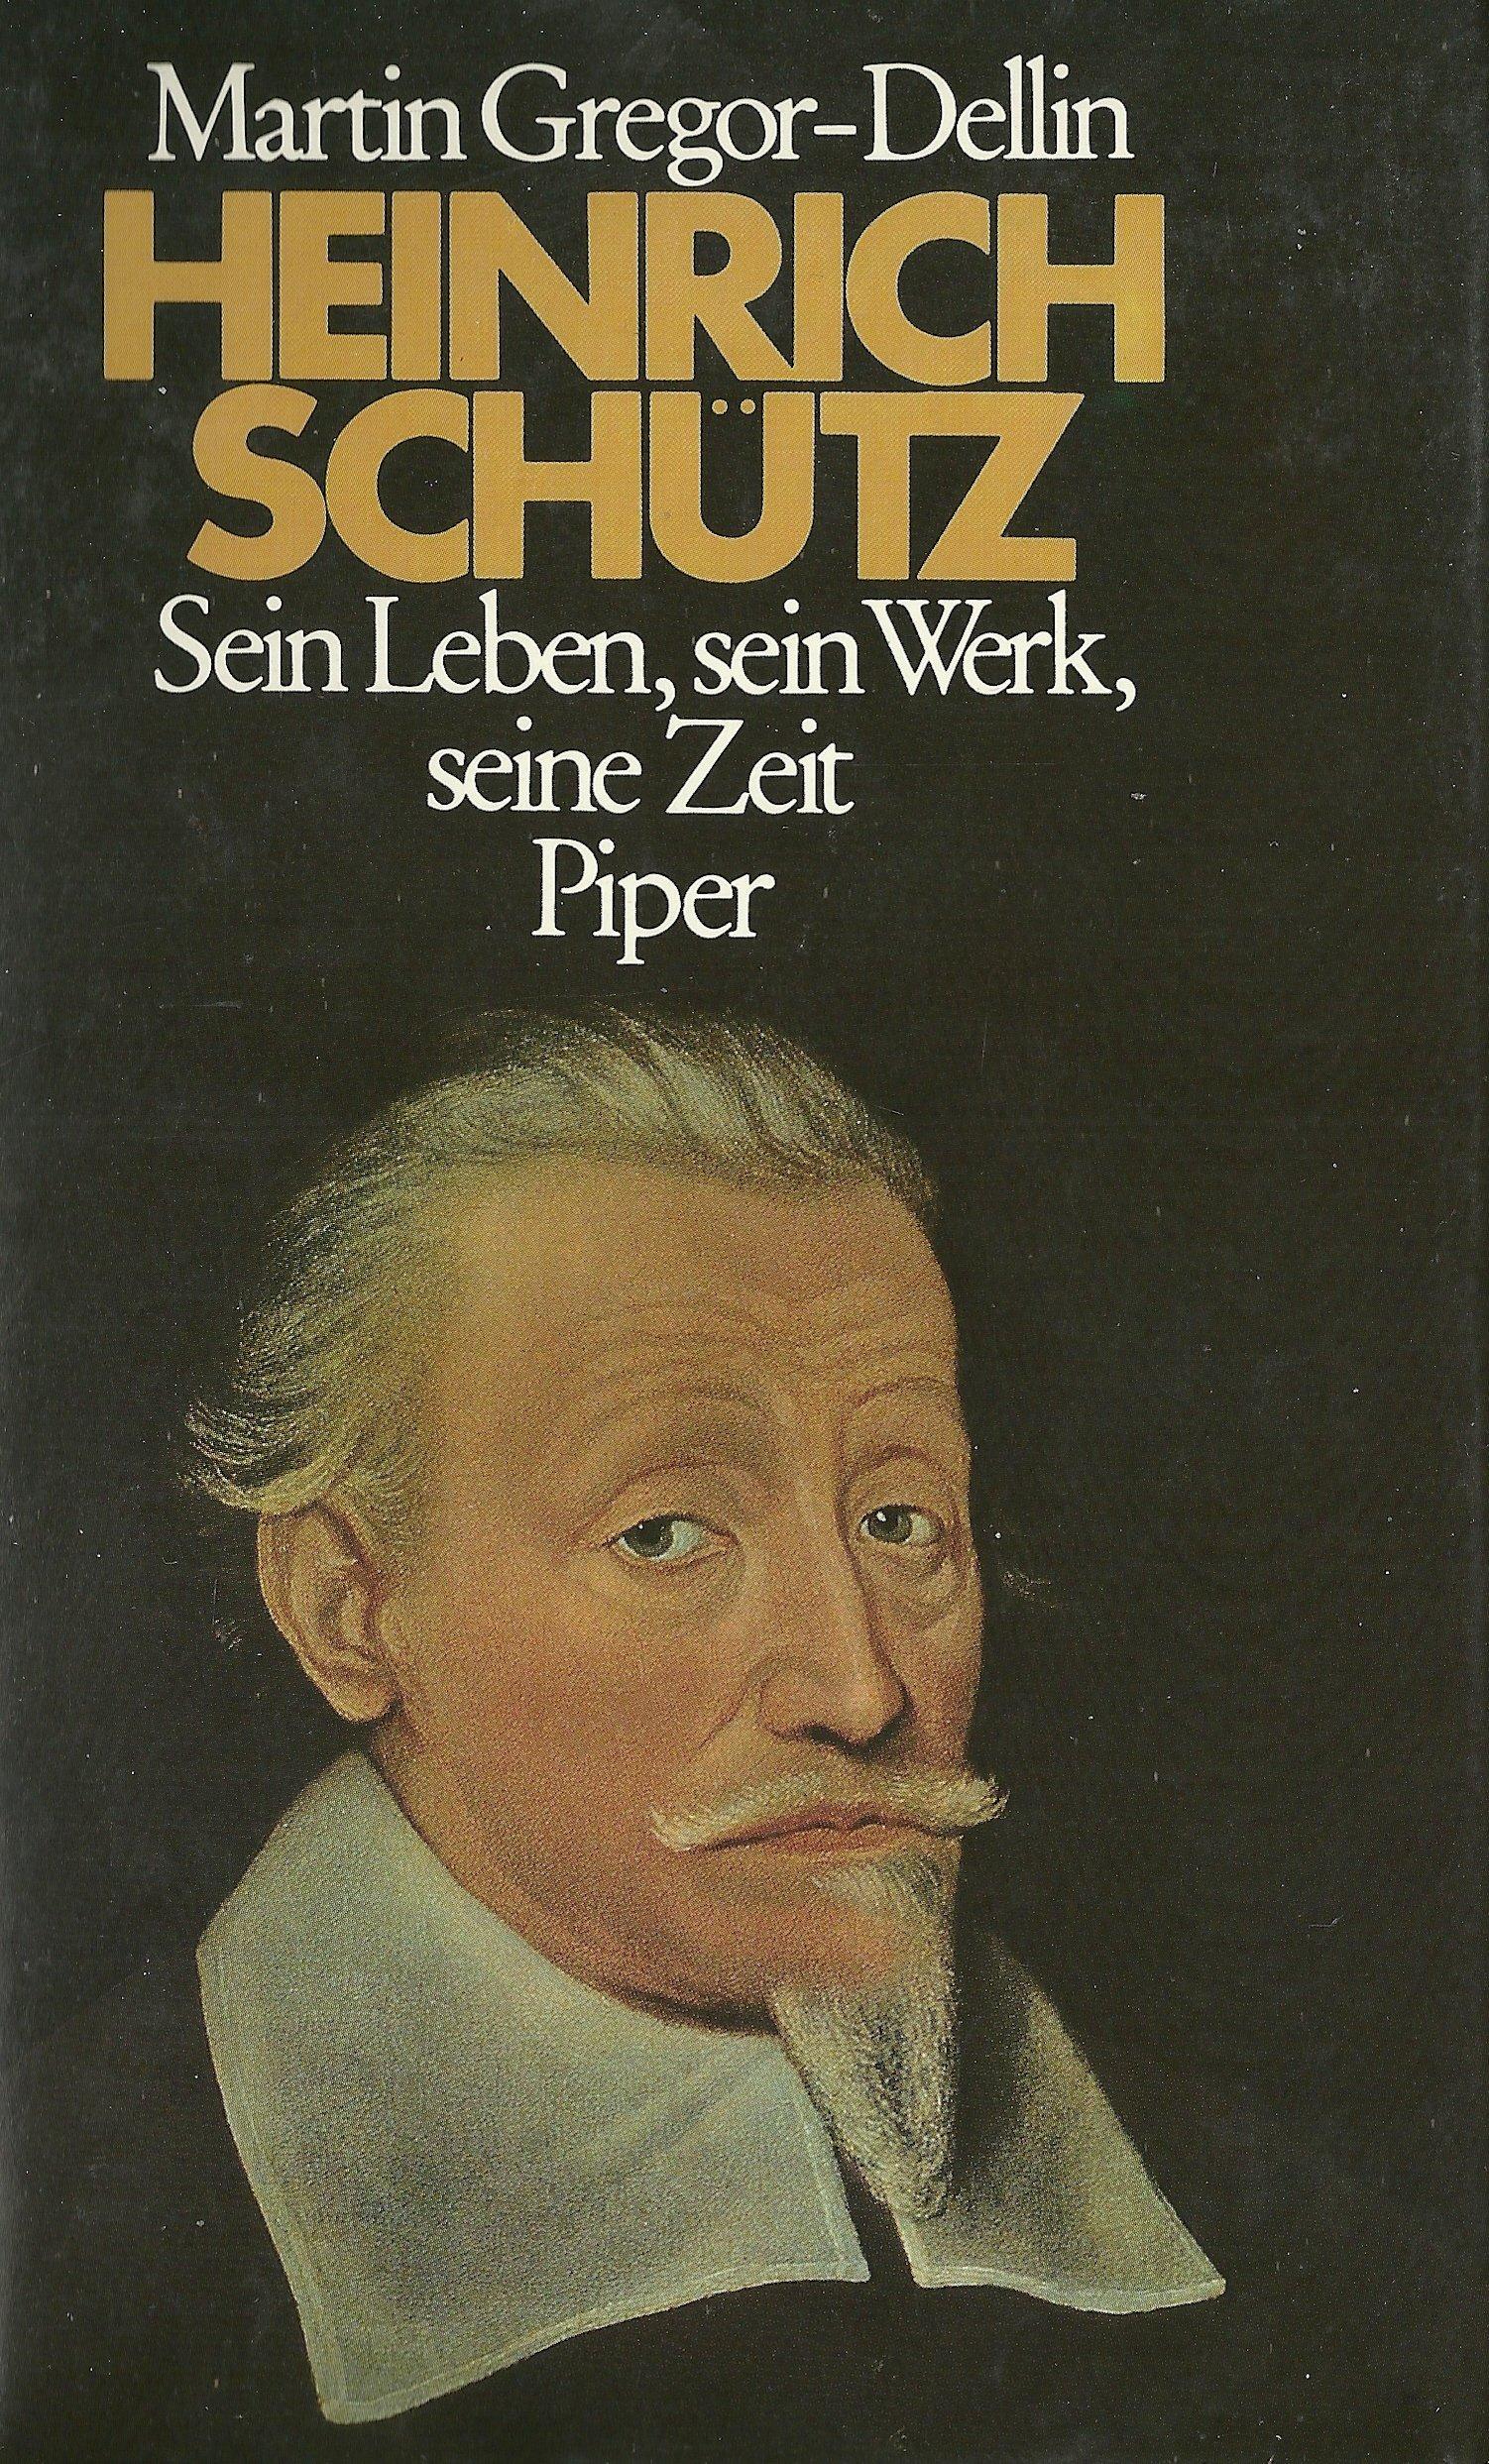 Heinrich Schütz. Sein Leben, sein Werk, seine Zeit